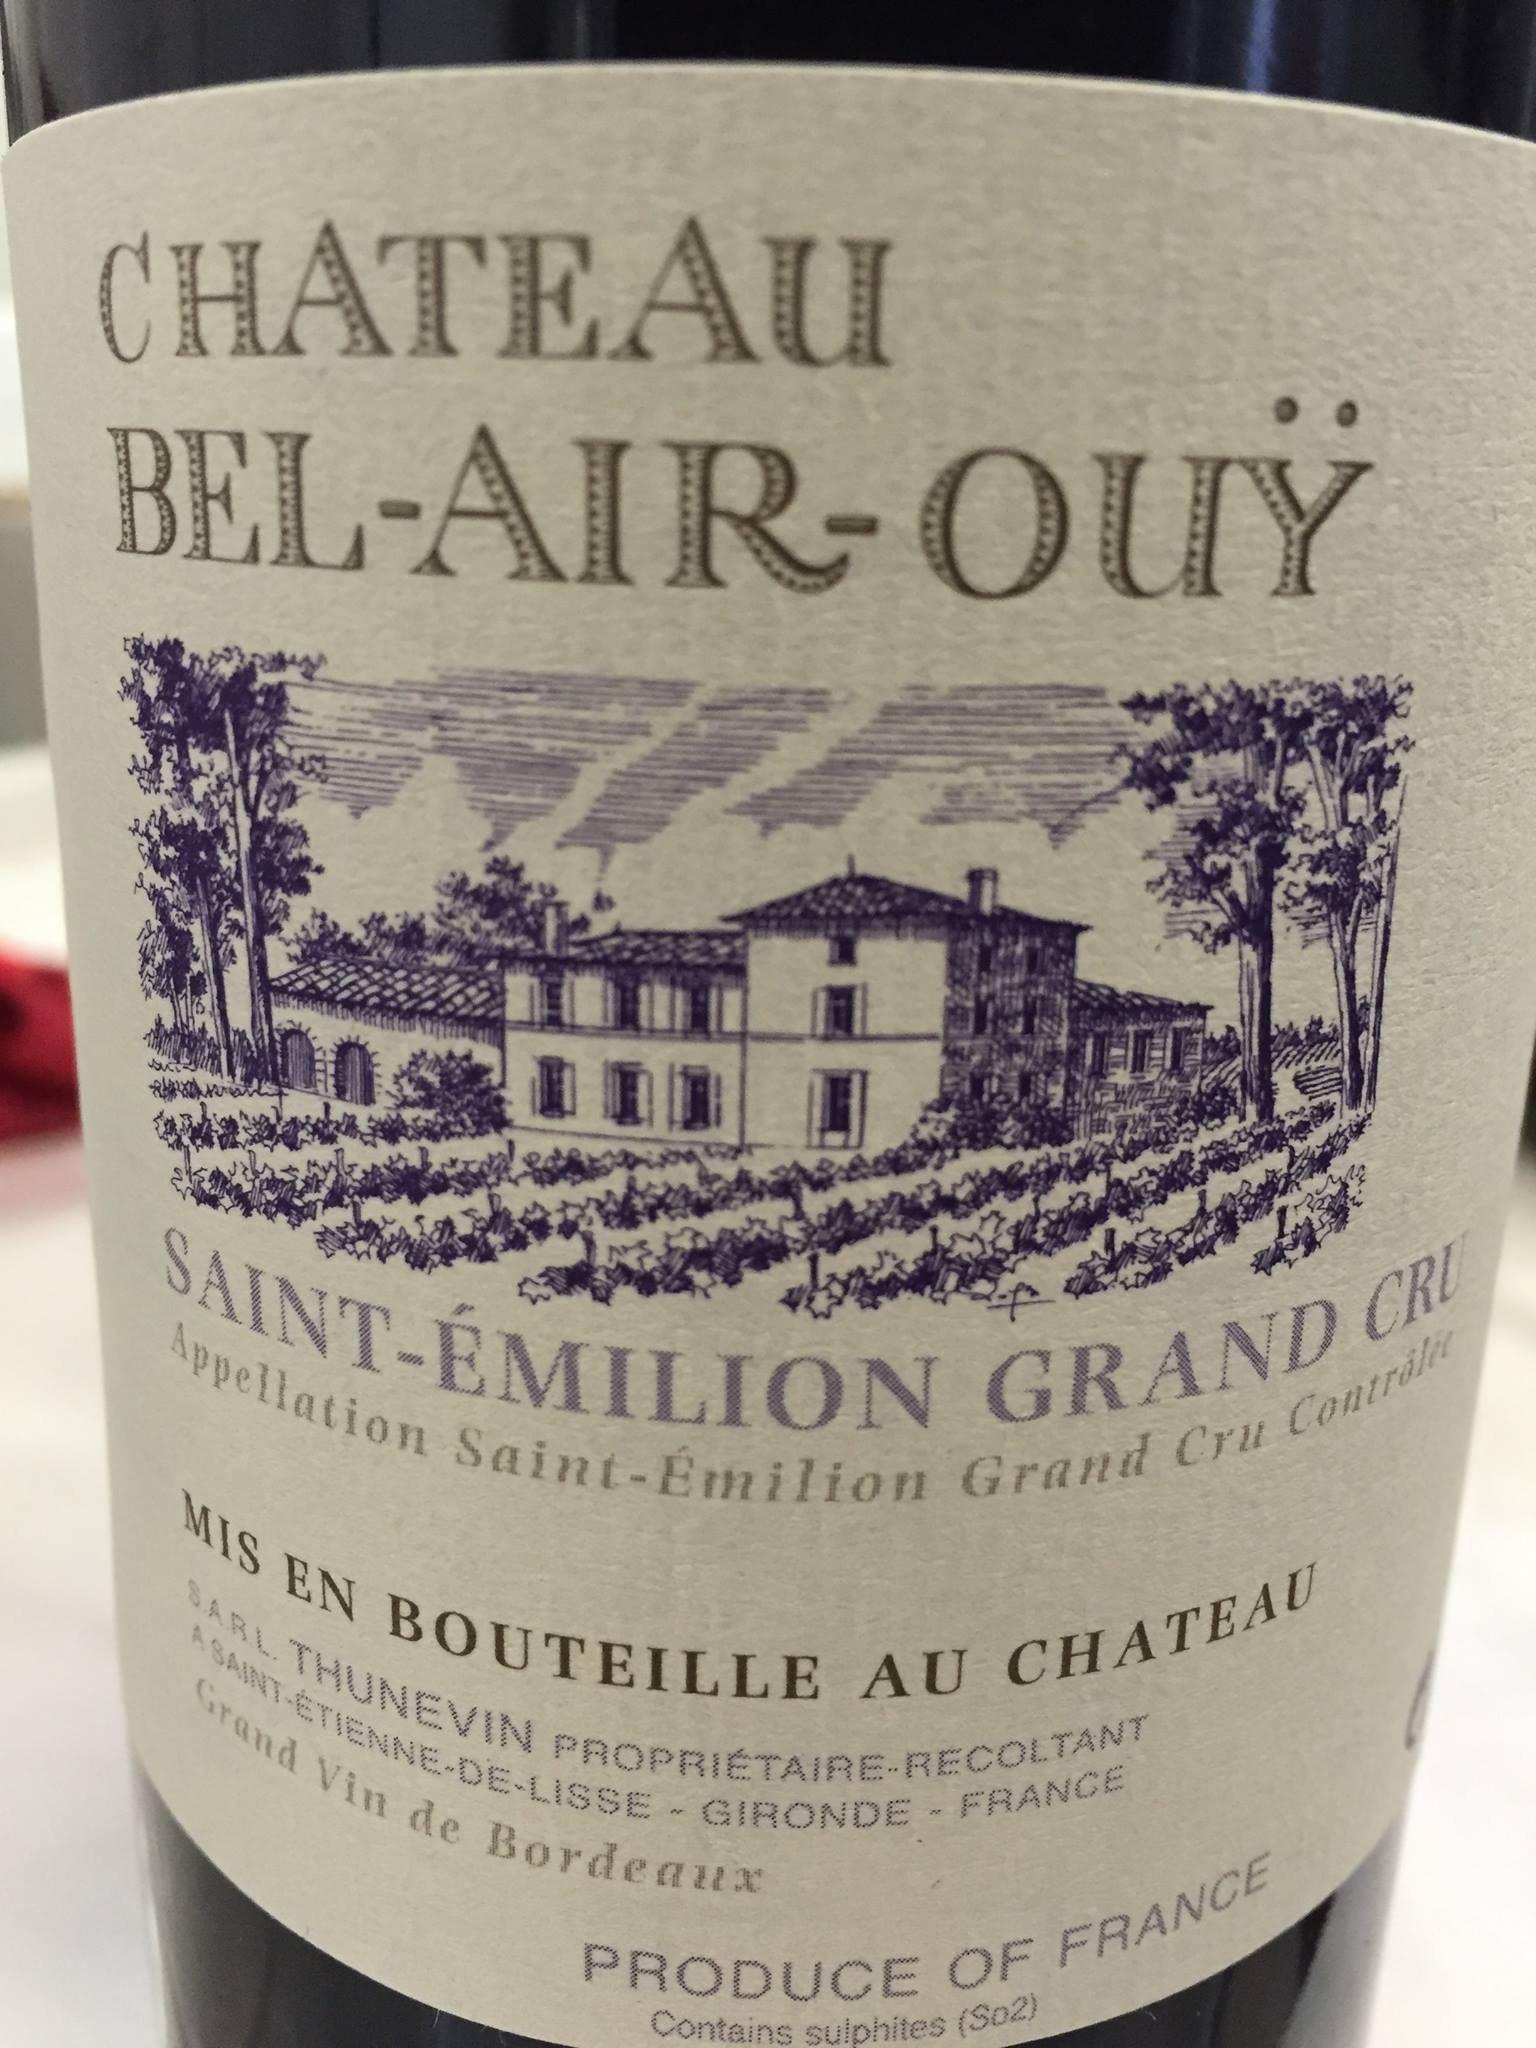 Château Bel-Air-Ouÿ 2015 – Saint-Emilion Grand Cru